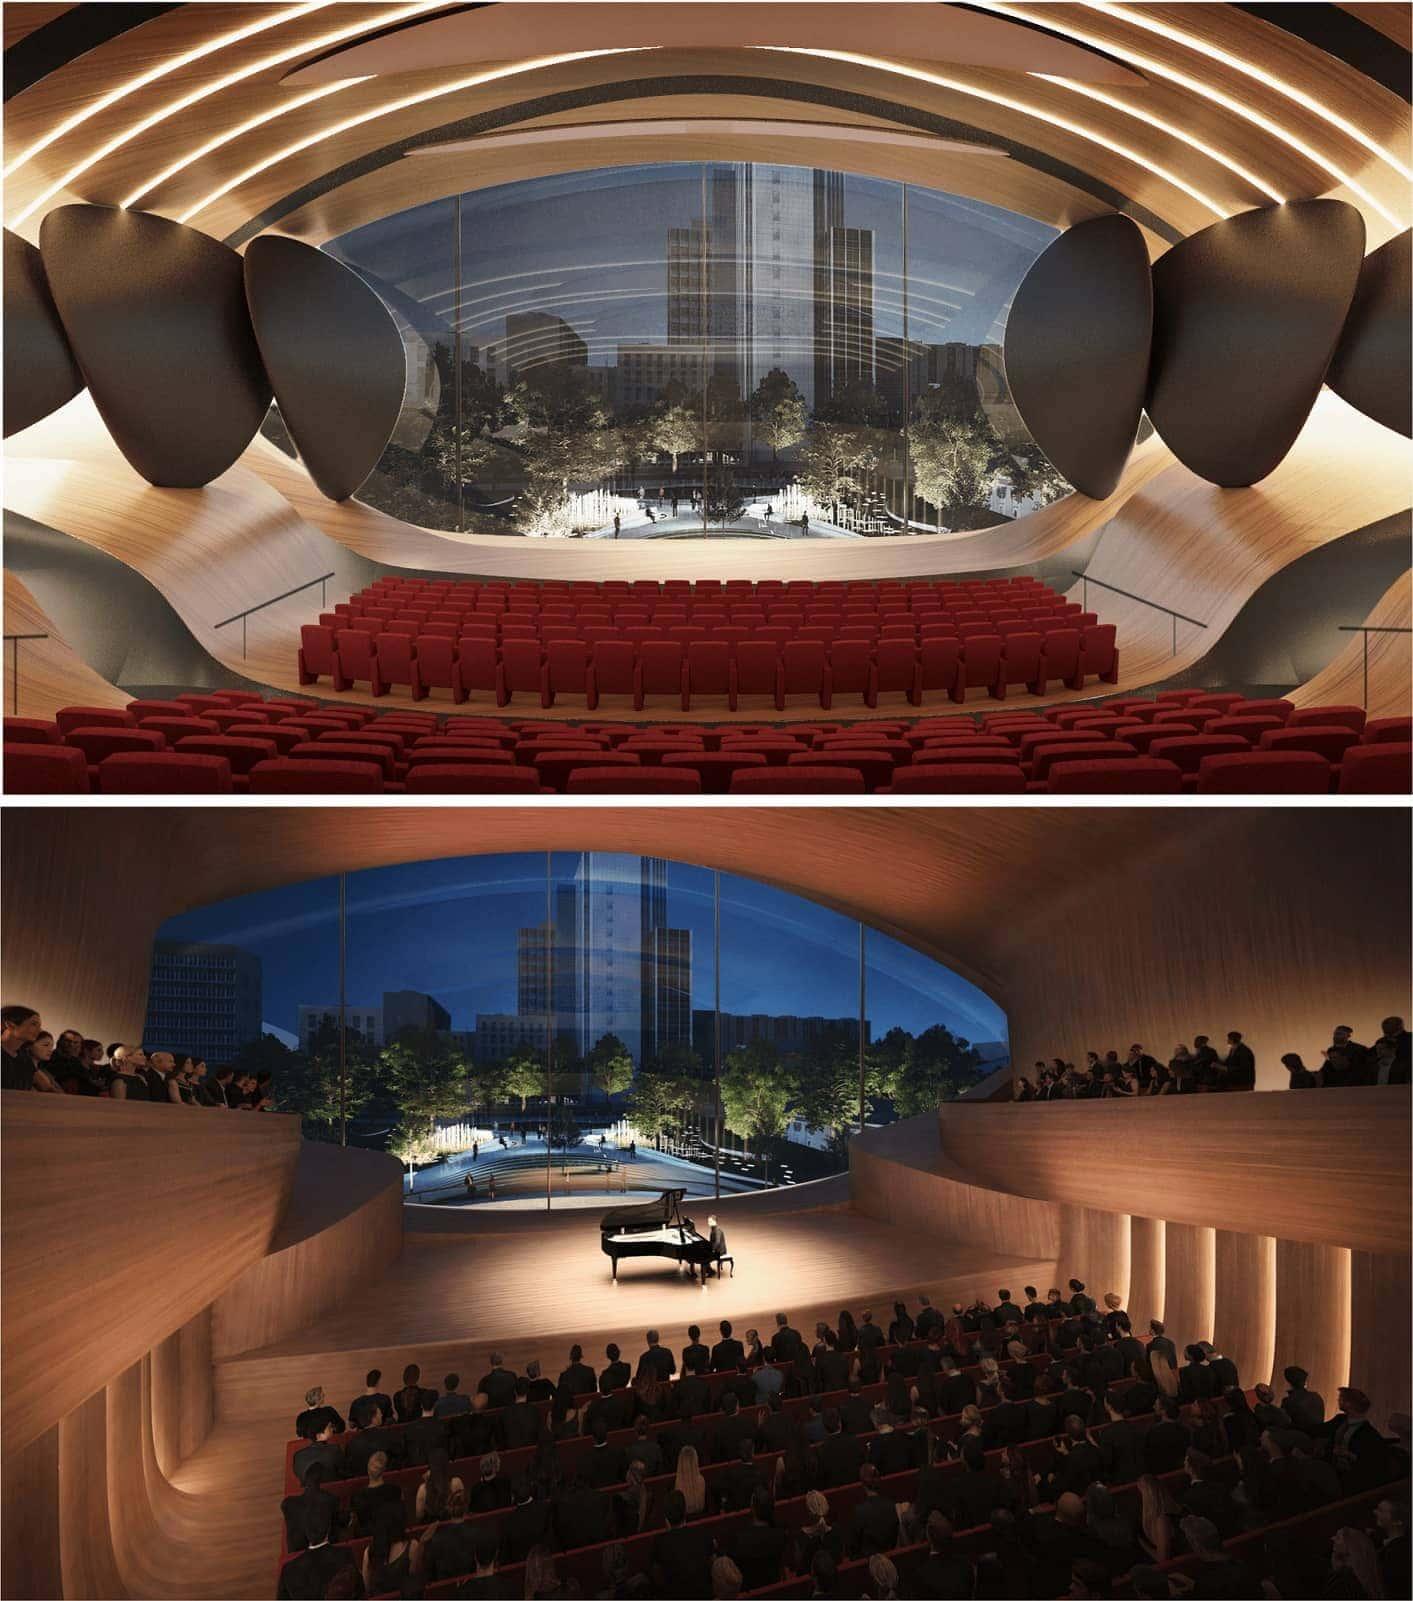 Концертный зал Свердловской филармонии в Екатеринбурге по проекту Zaha Hadid Architects